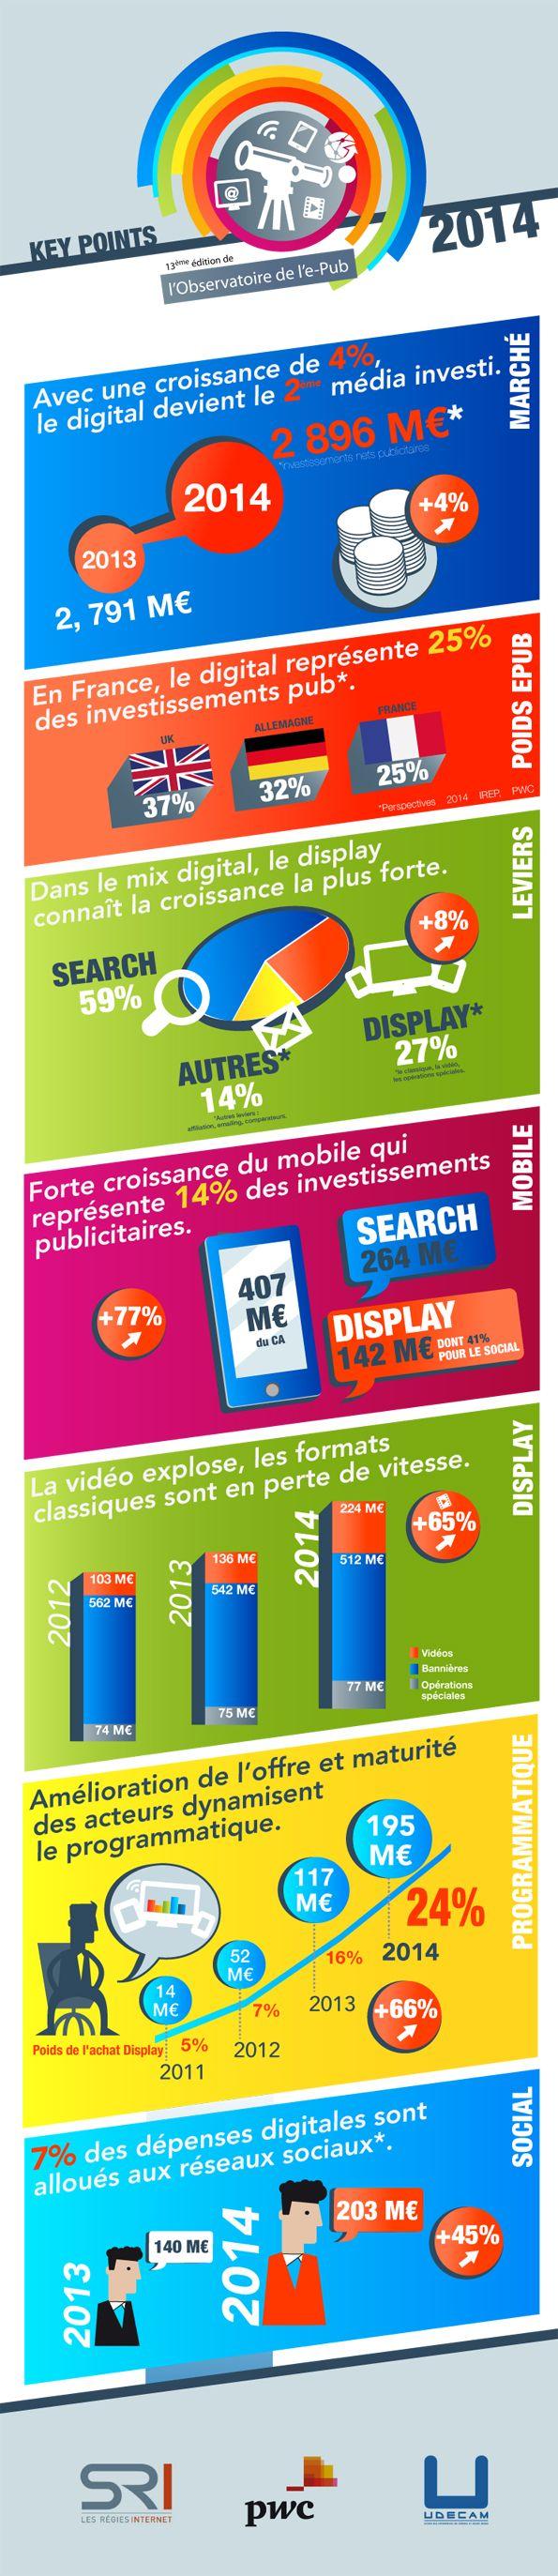 Le search et toutes les composantes non classiques du display génèrent une croissance de +4% du marché de l'ePub